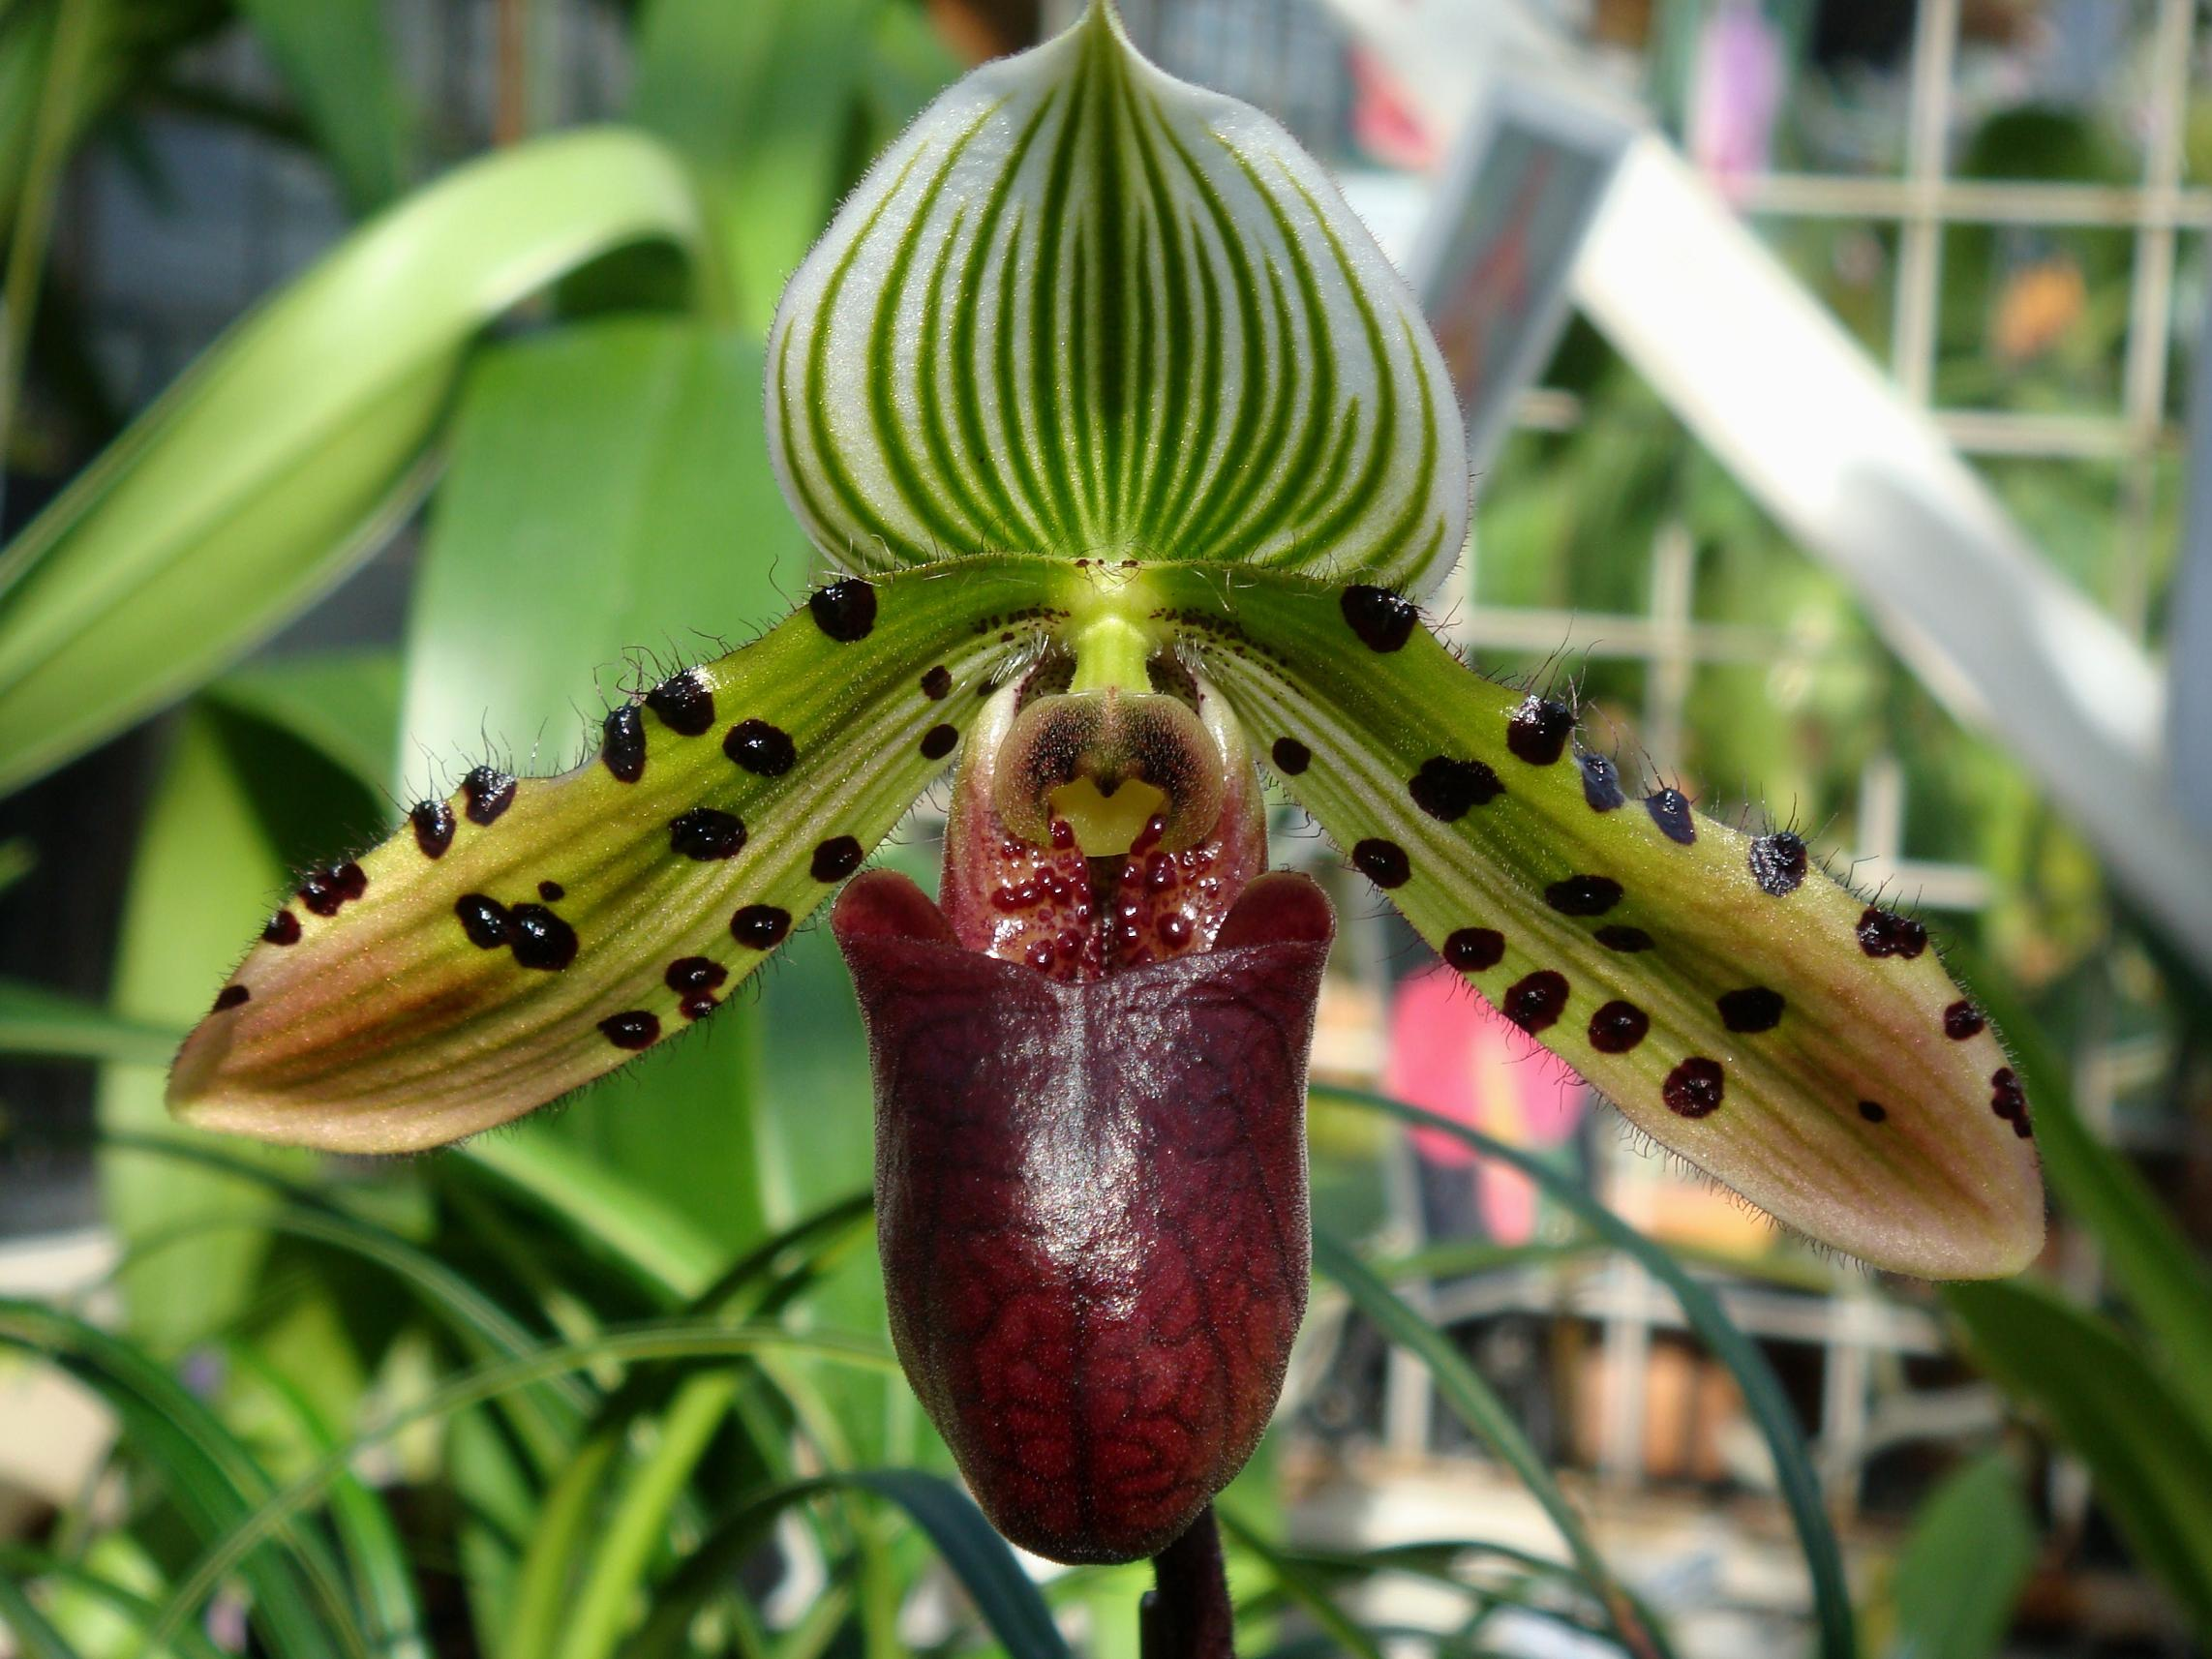 http://hybridorchid.la.coocan.jp/Paphiopedilum/Paphiopedilum%20Venus%20Rising/DSC08793.JPG